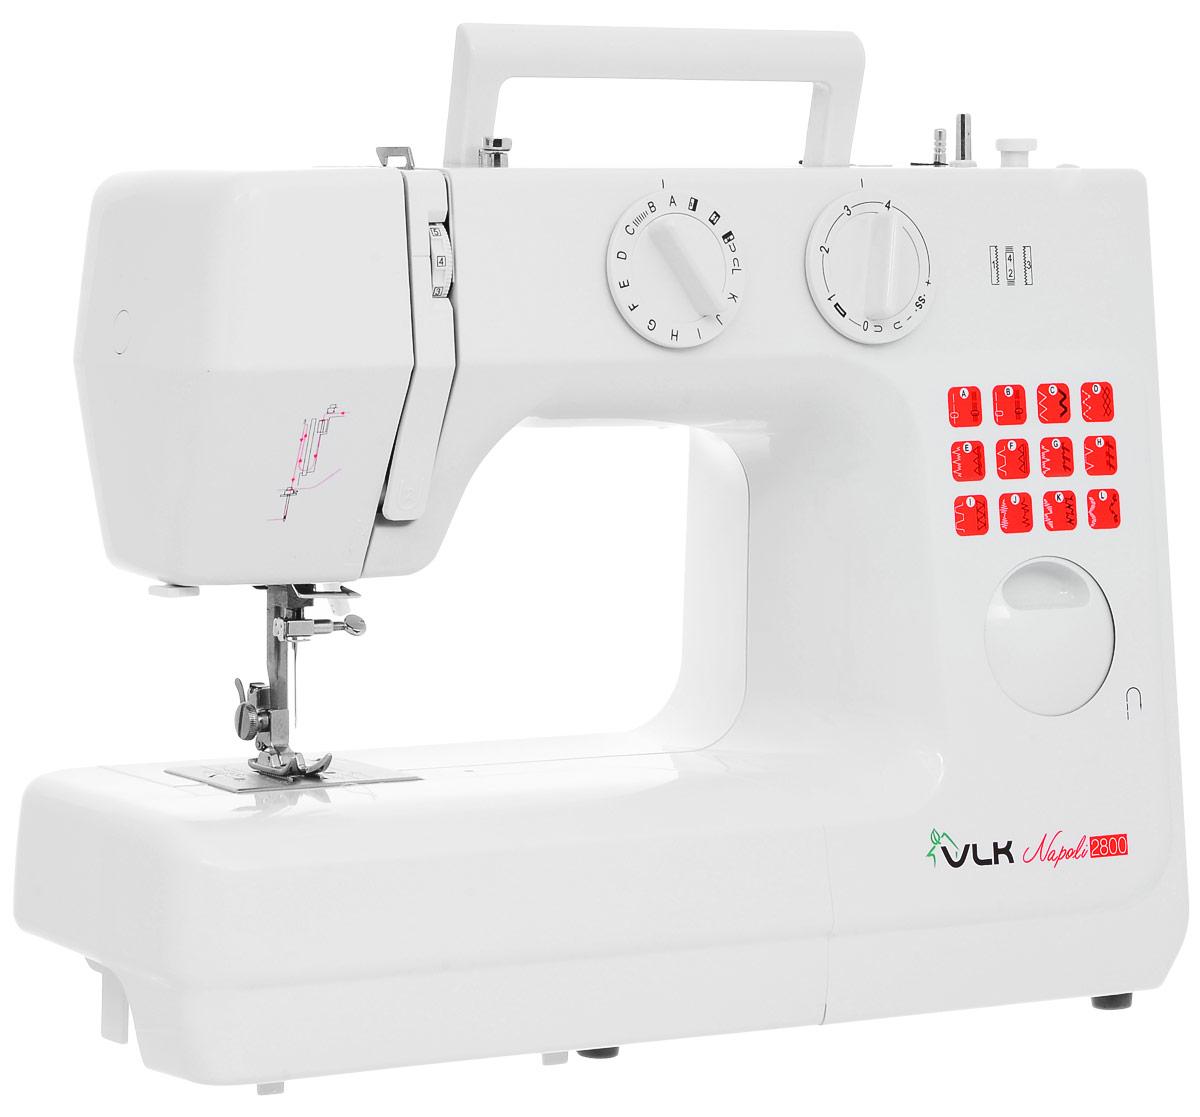 VLK Napoli 2800 швейная машинкаVLK Napoli 2800Швейная машина VLK Napoli 2800 относится к электромеханическому типу с вертикальным челноком. Вы можете работать с тканями любой толщины и различных видов. Одним из важных достоинств модели является наличие 24 программ шитья, которые помогут справиться с рукоделием даже неопытному человеку.Машинка в полуавтоматическом режиме сделает петли на одежде, способна шить двойной иглой или в нескольких направлениях, что значительно расширяет ее возможности. Встроенная подсветка позволит работать с прибором даже в темное время суток. В комплекте вы получите распарыватель, шпульки, различные виды лапок, а также инструмент для заправки нити и держатель для катушки с нитками.